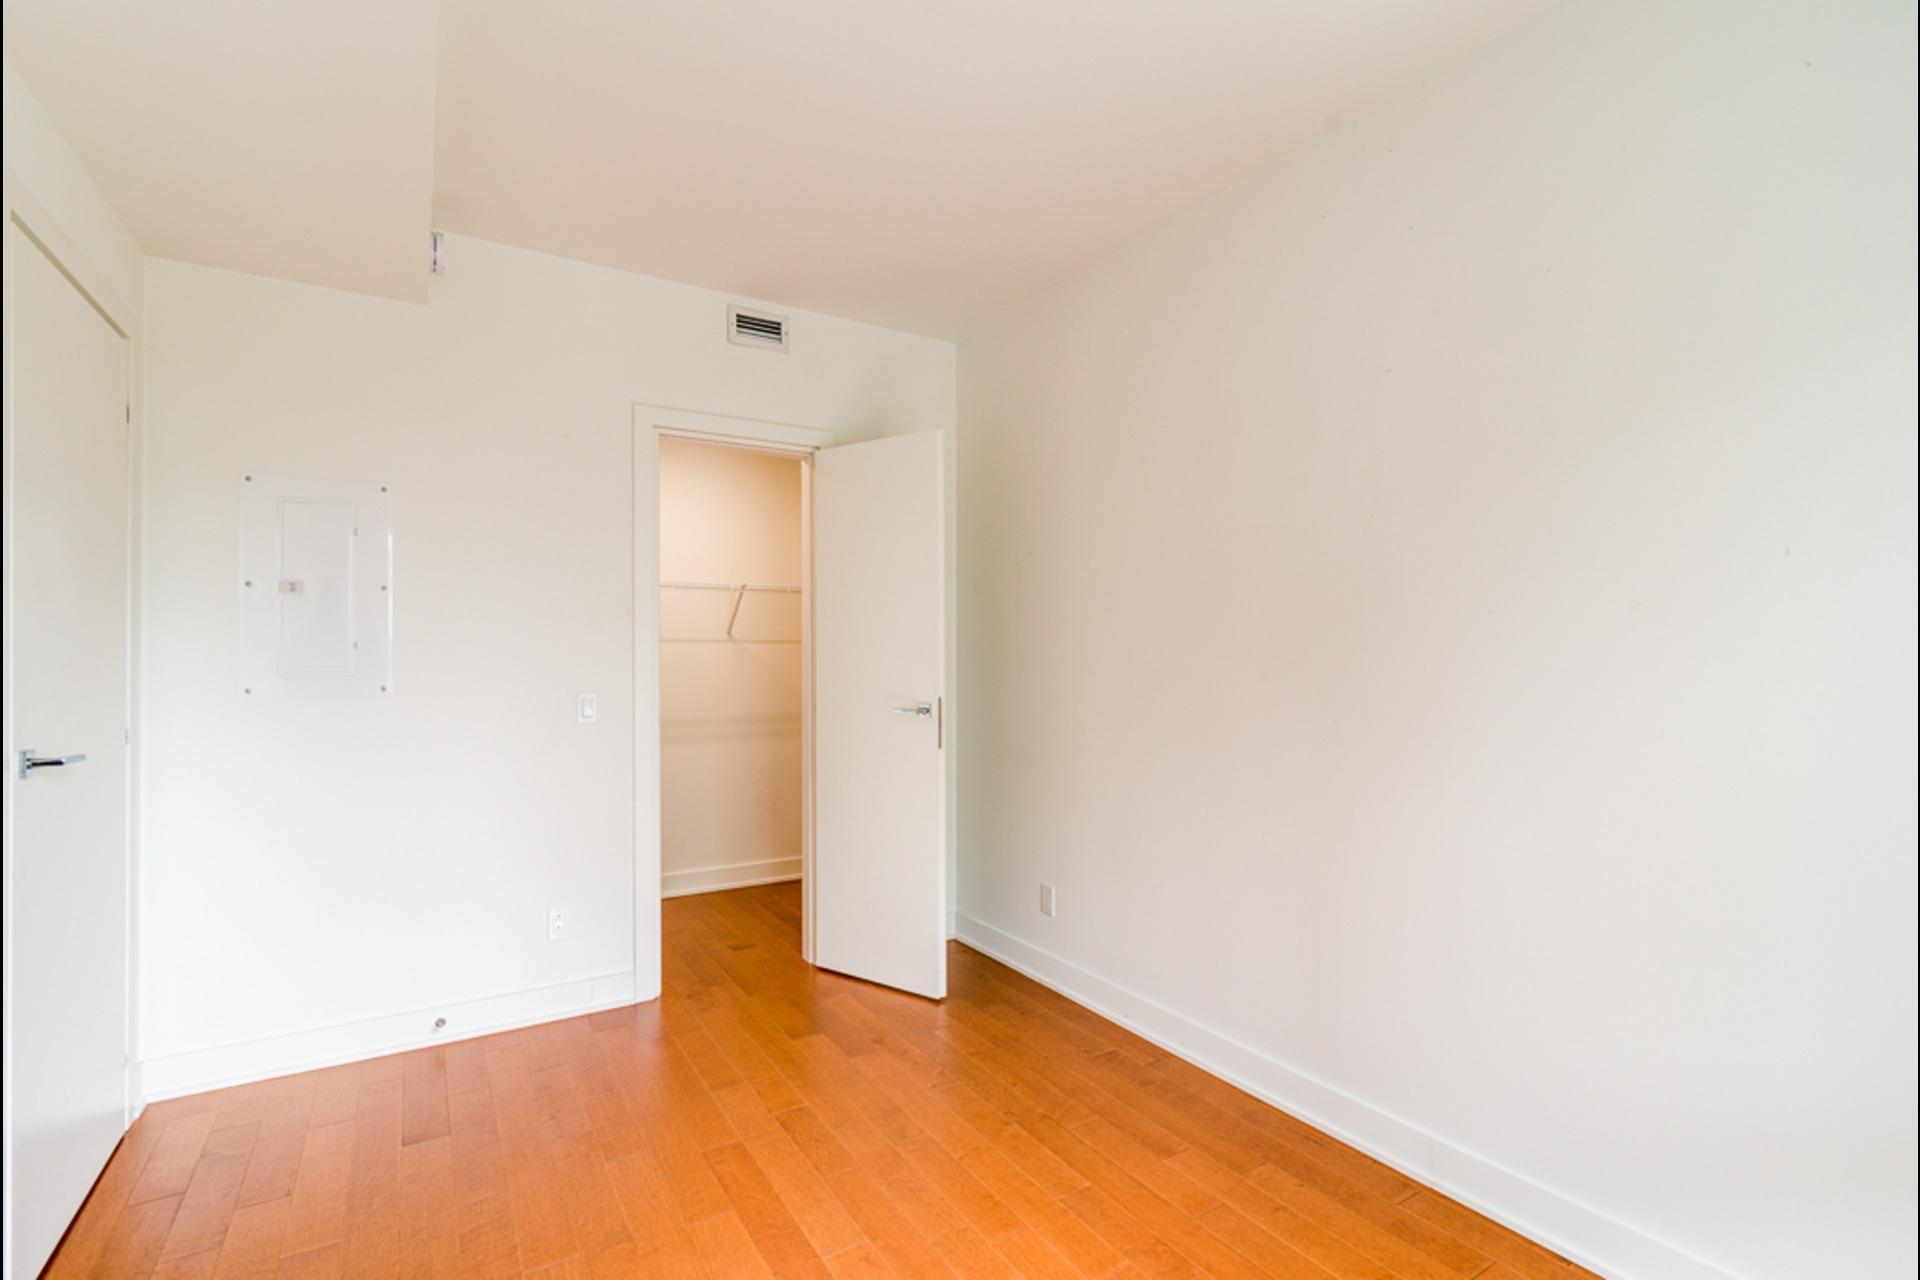 image 11 - Condo For rent Montréal